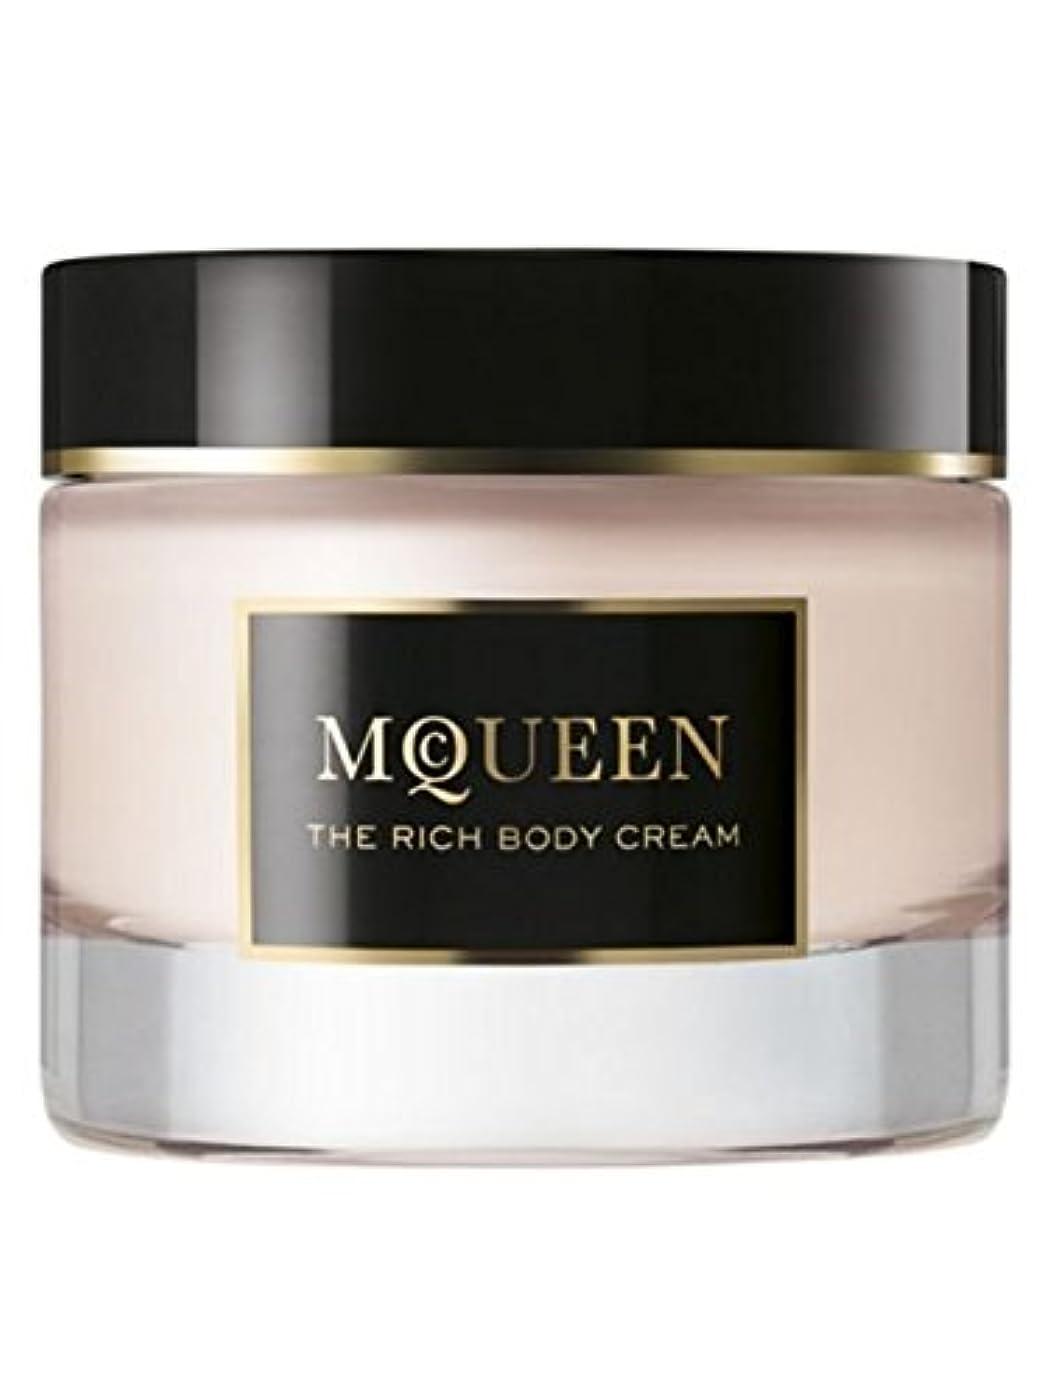 異形ヨーロッパブラウザMcQueen (マクイーン) 1.6 oz (50ml) Body Cream by Alexander McQueen for Women